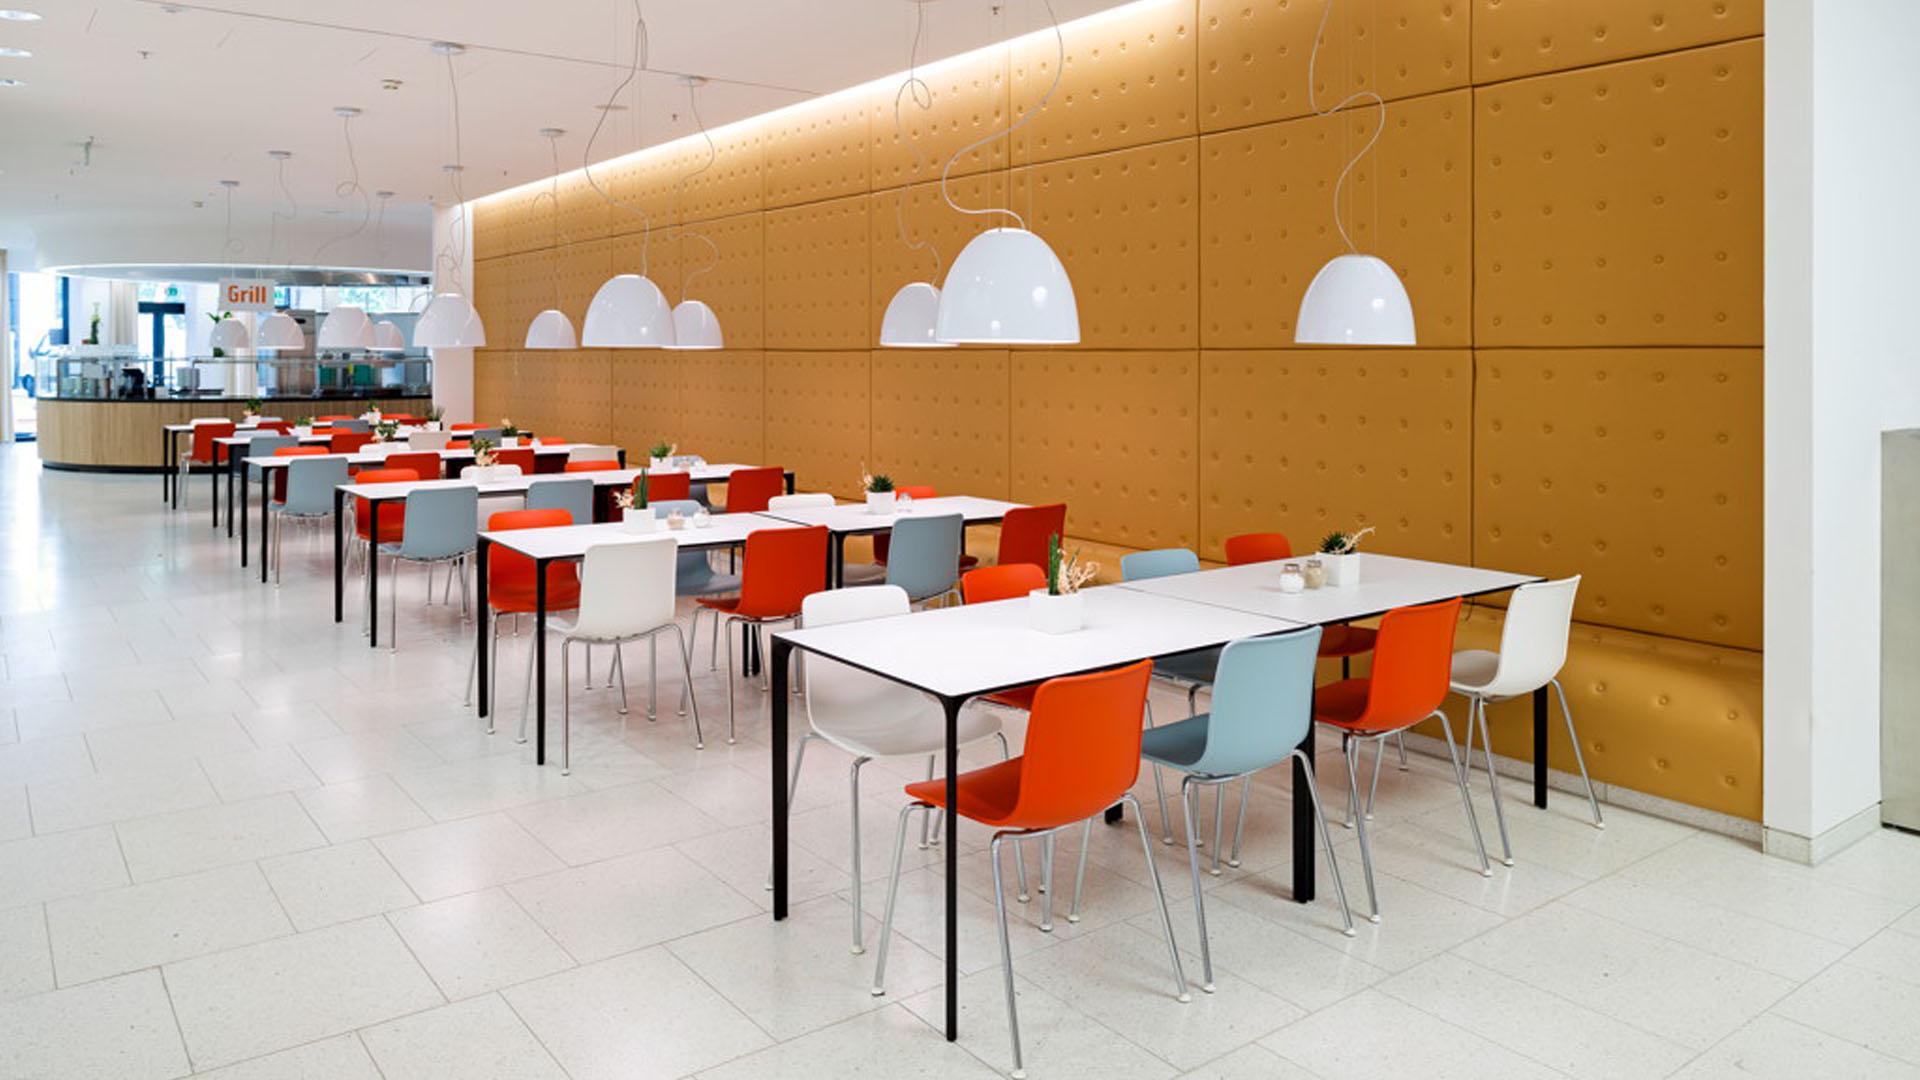 MAASS-Lichtplanung_Lichtplanung repräsentativer Bereiche der ING-DiBa Hauptzentrale__MAASS-Poseidonhaus-Innen-006